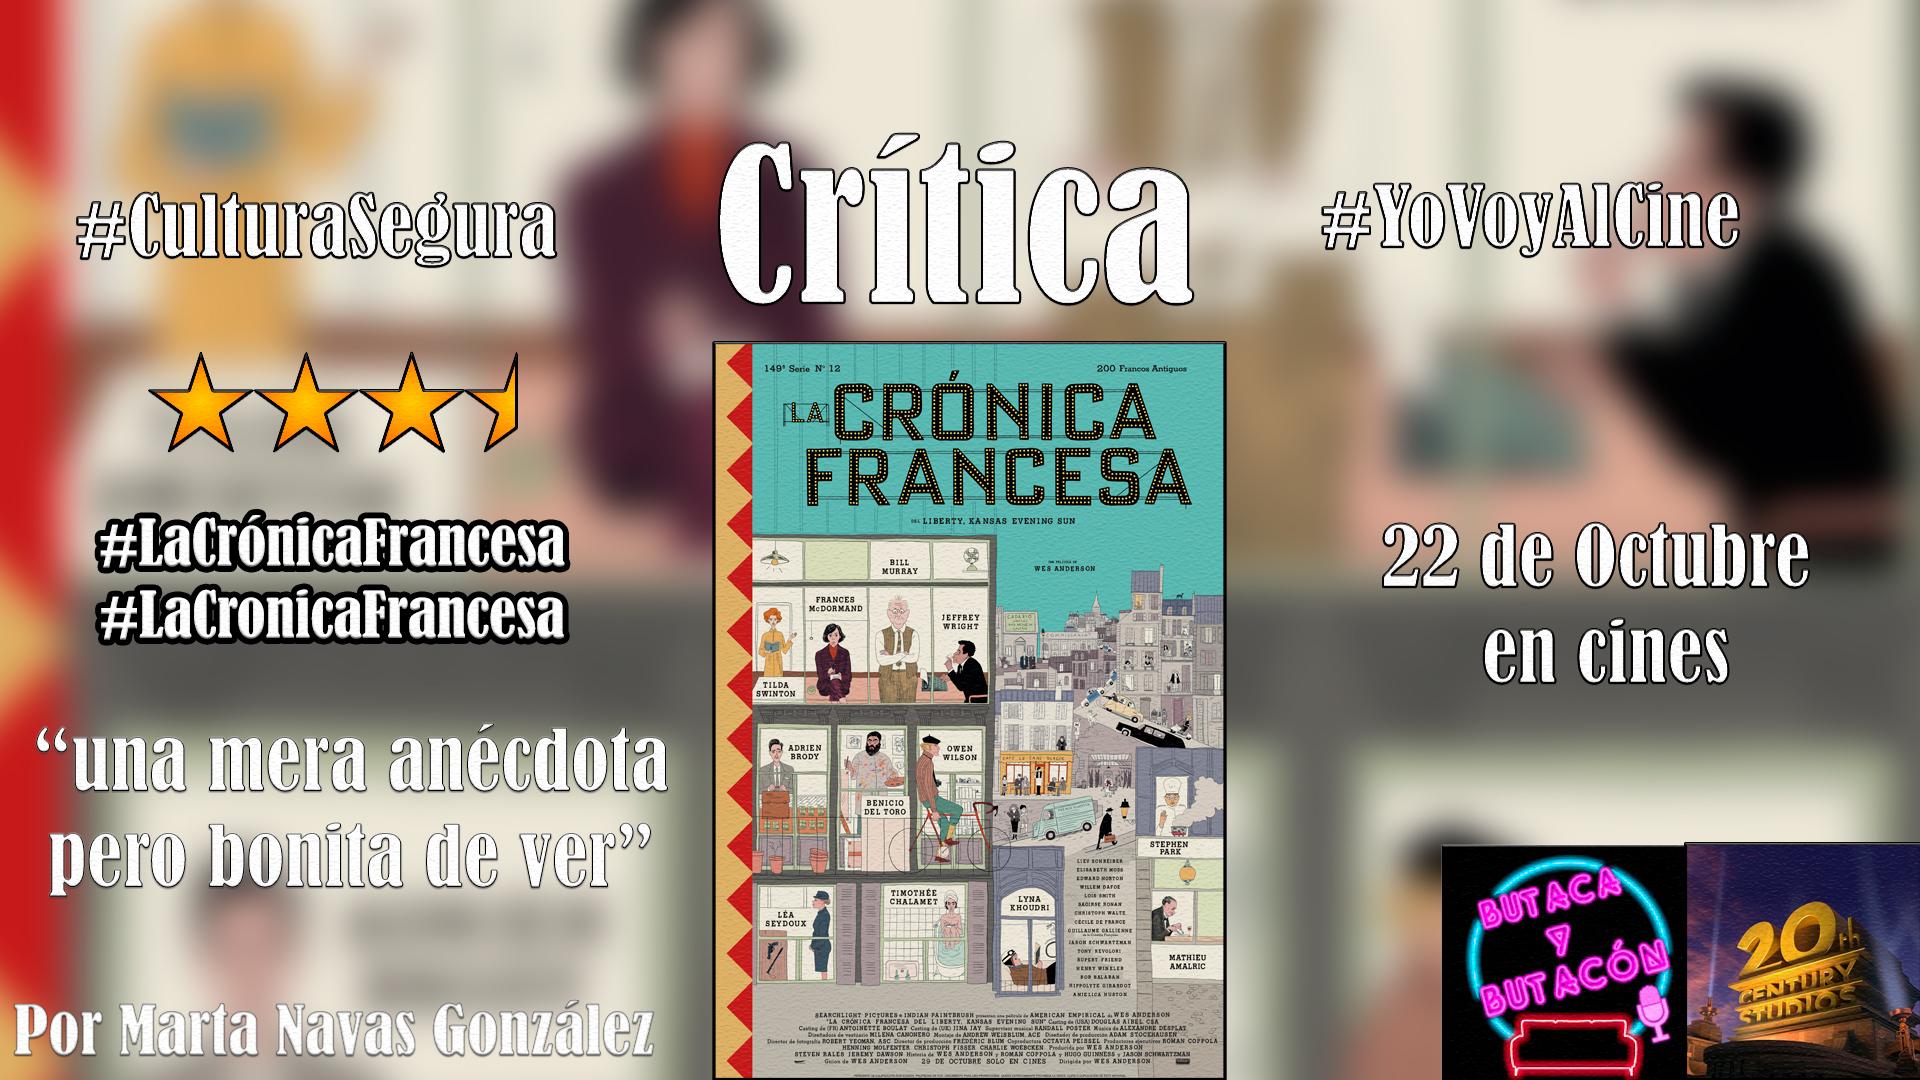 'La Crónica Francesa': Wes Anderson vuelve de nuevo para invitarnos a su particular mundo